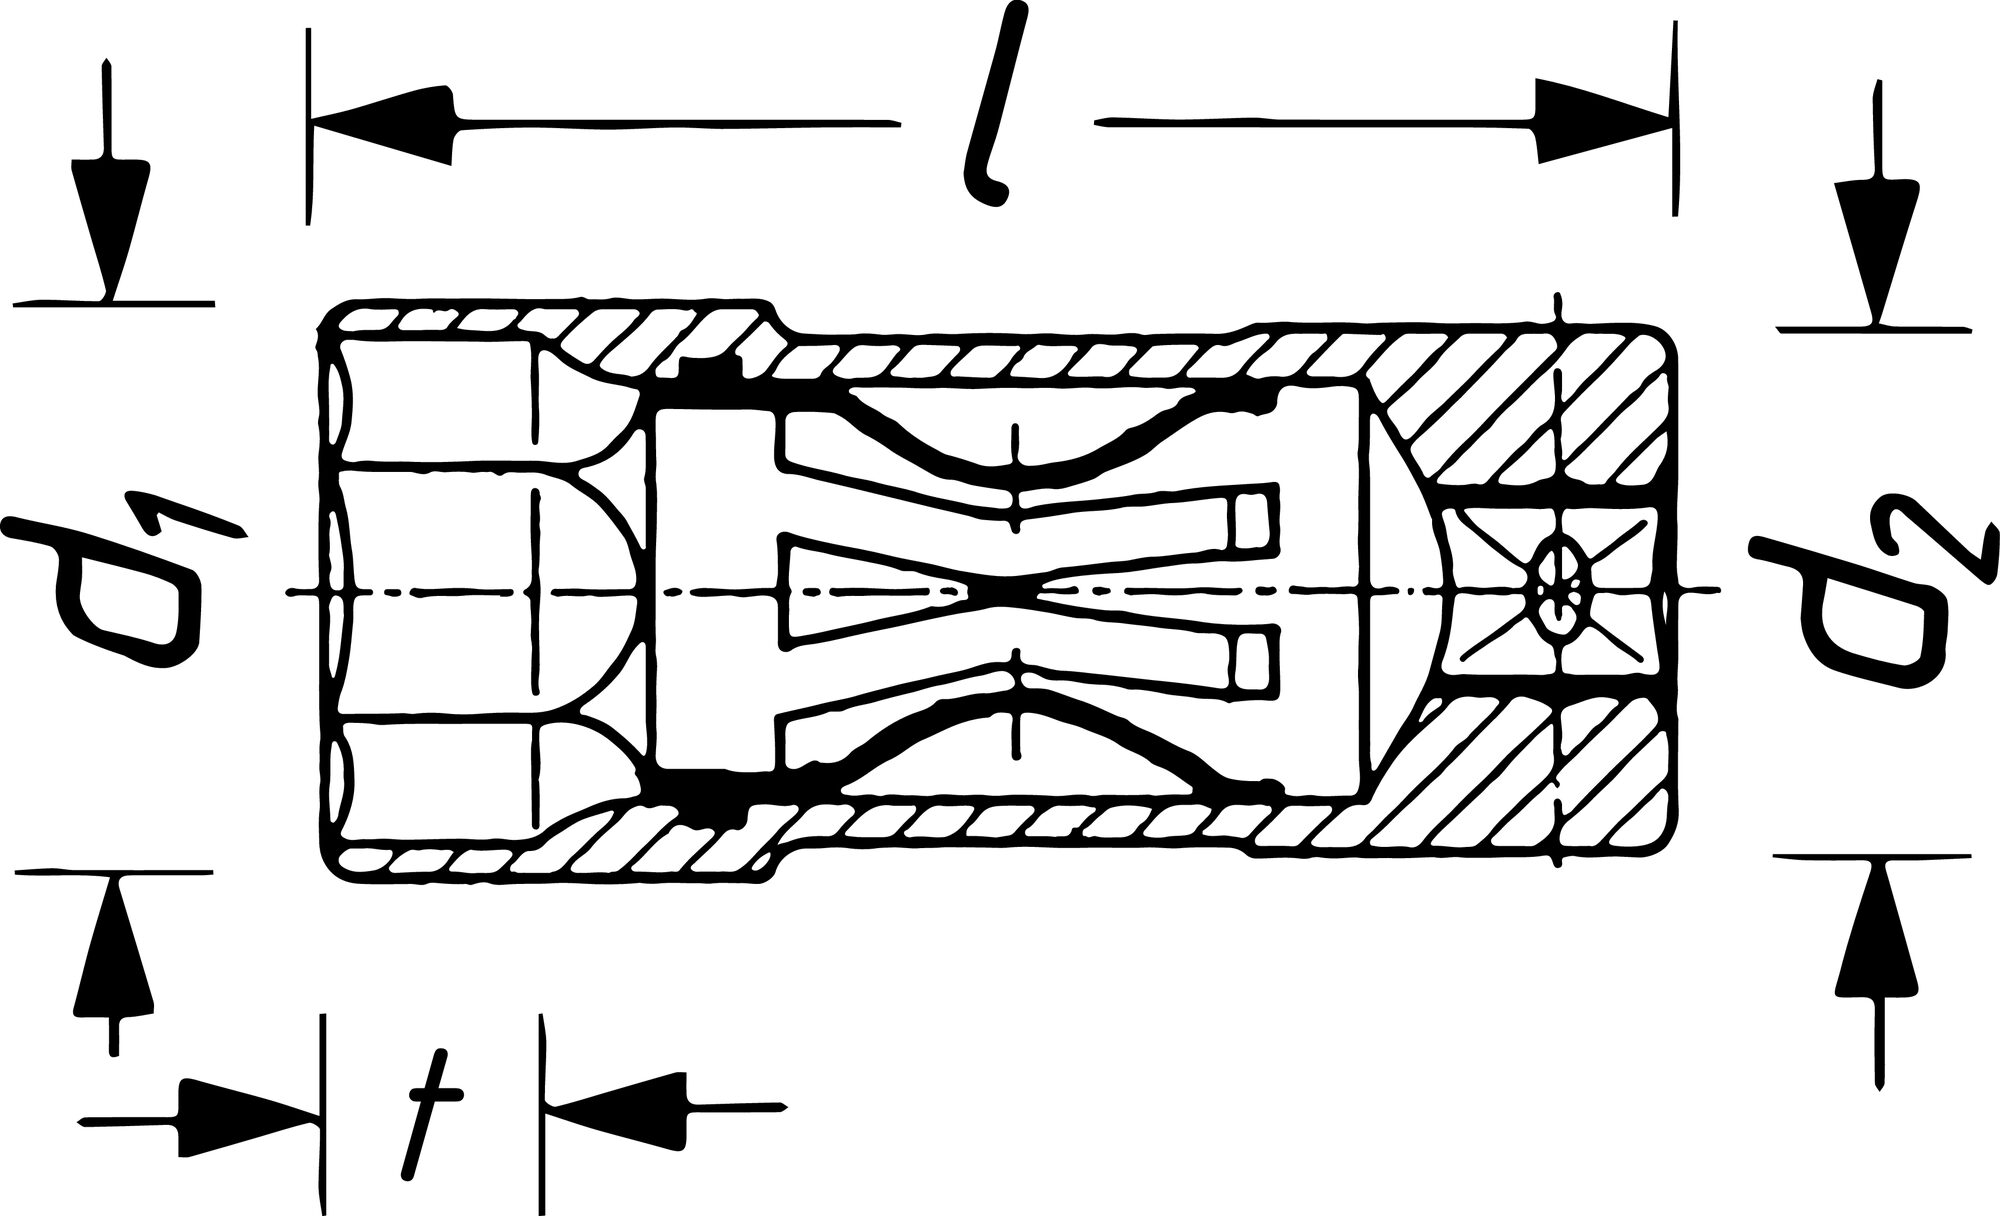 HAZET Zündkerzen Steckschlüsseleinsatz 900AKF ∙ Vierkant hohl 12,5 mm (1/2 Zoll) ∙ Außen-Sechskant Profil ∙ 16 mm